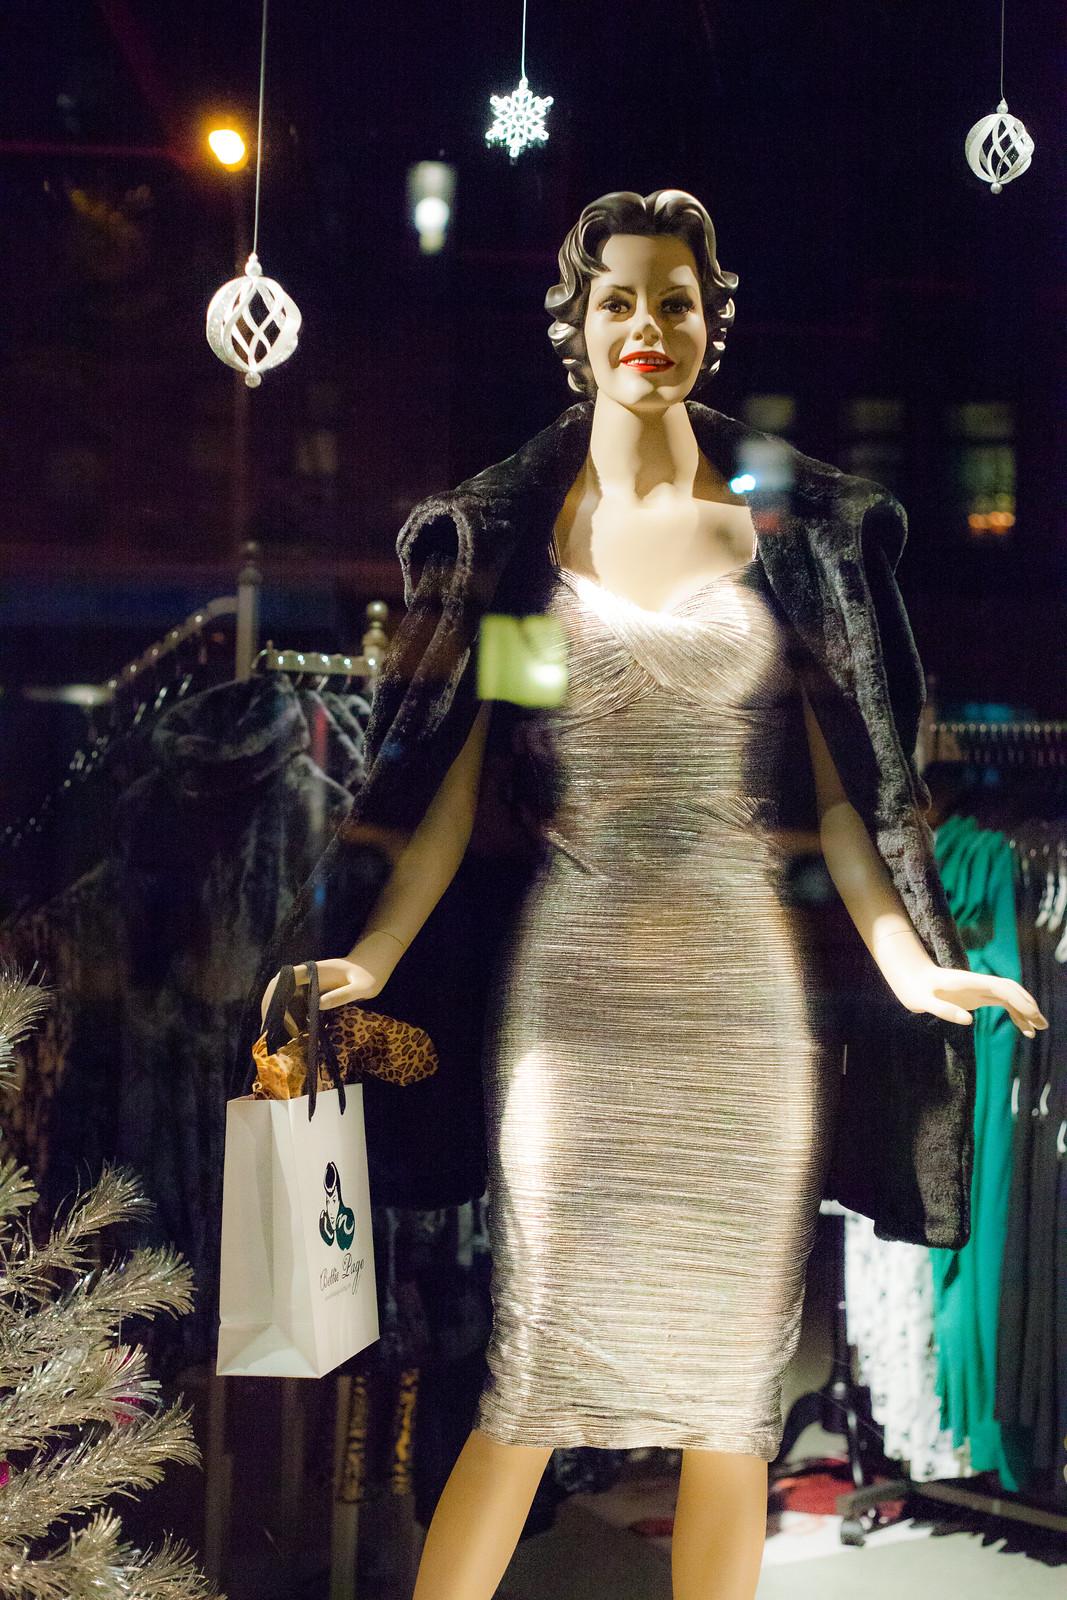 Silver Metallic Dress by wwward0